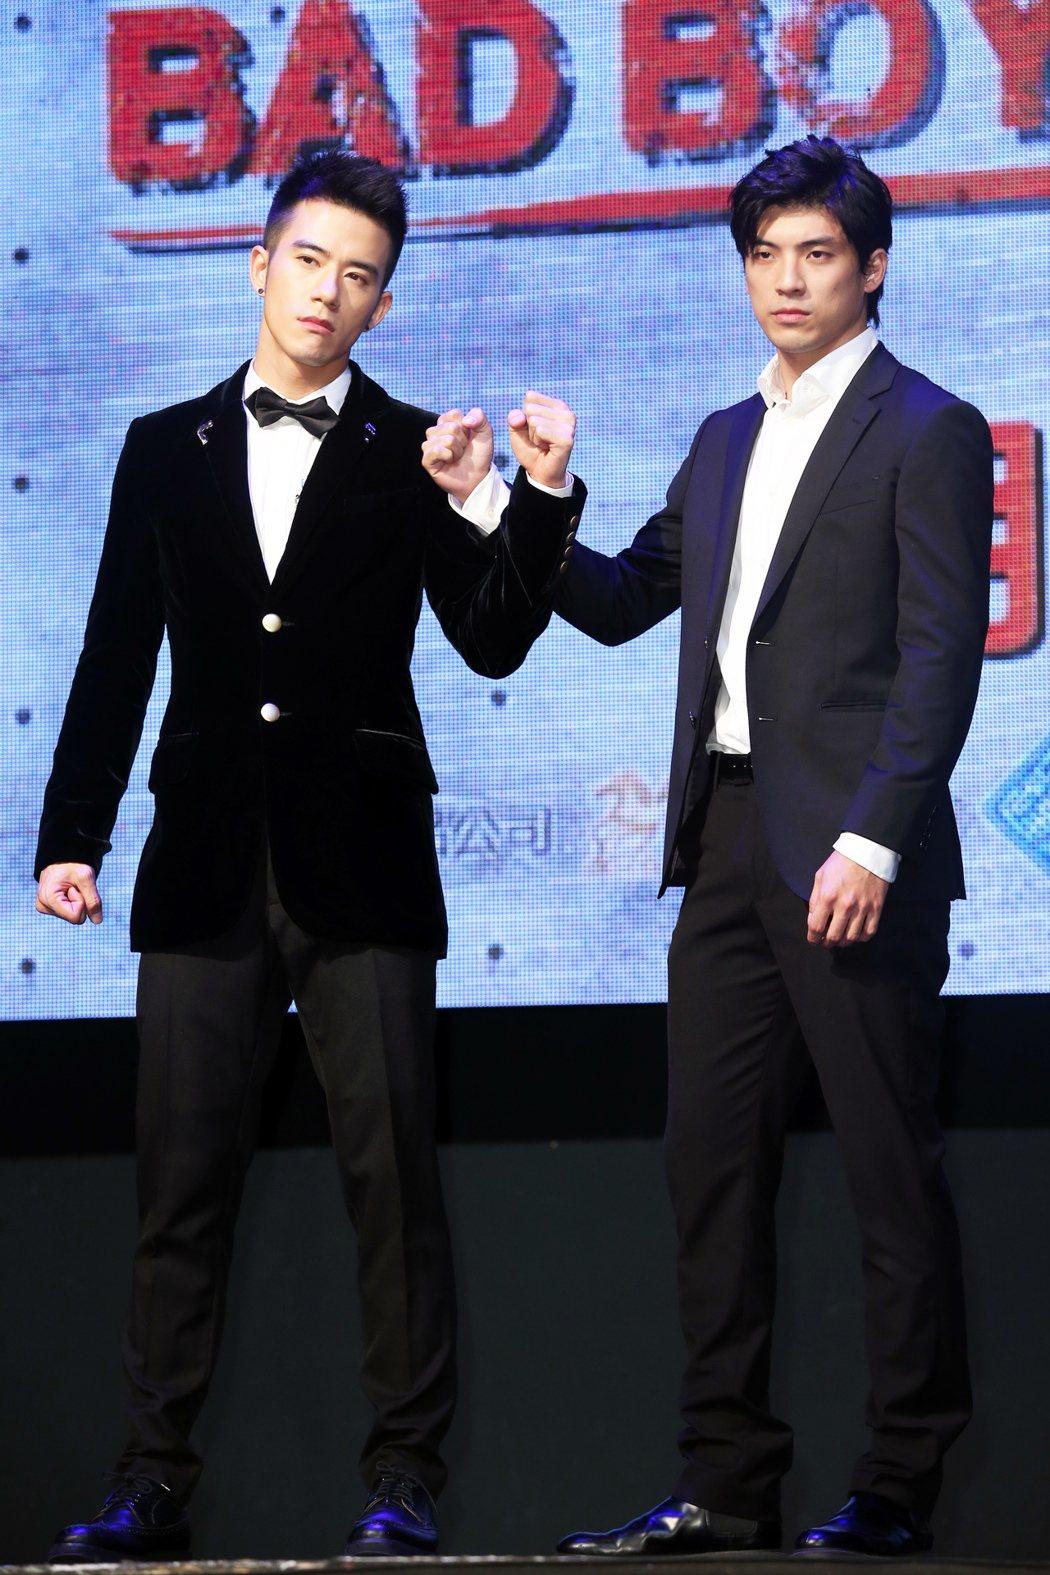 紀言愷(左)及林哲熹(右)在記者會上互別苗頭。記者徐兆玄/攝影